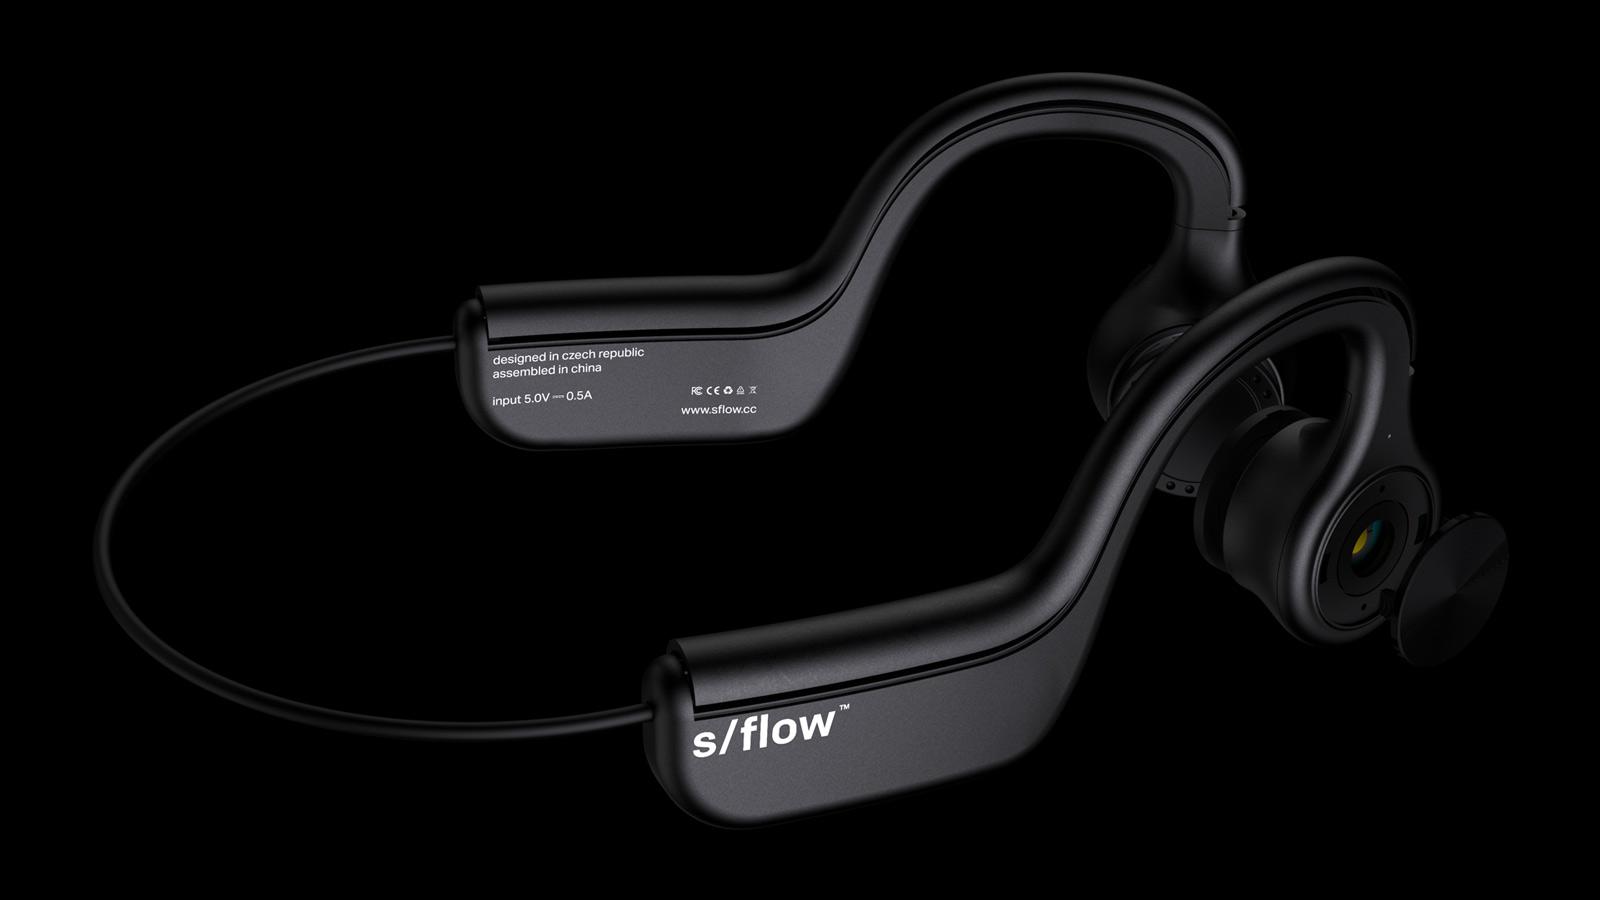 s/flow S20 product rendering